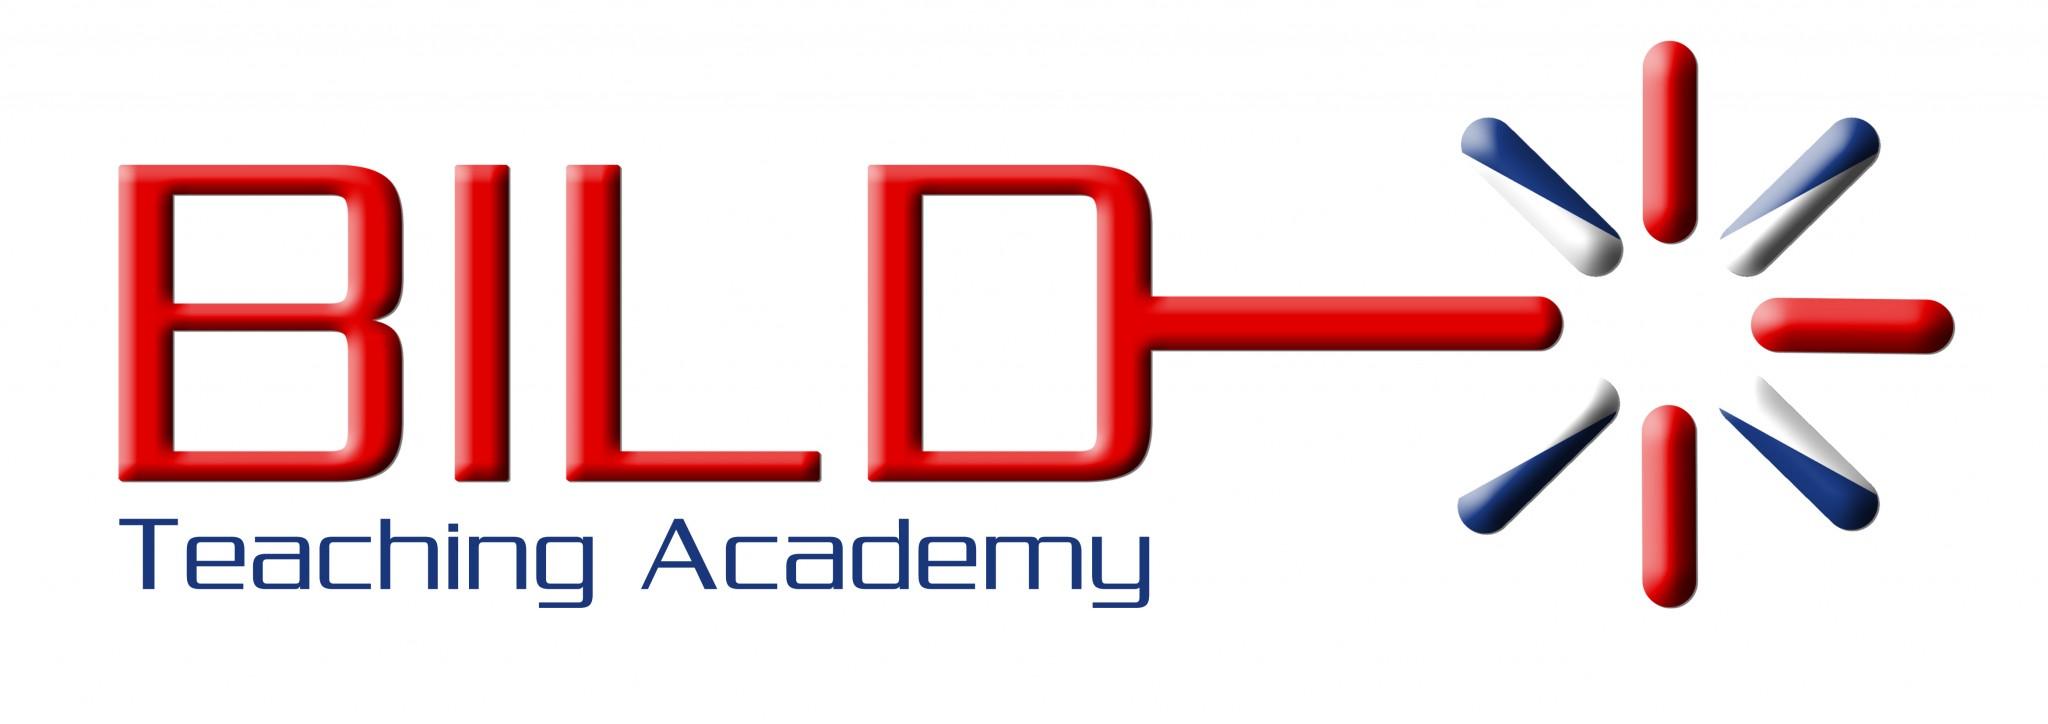 BILD laser hands-on course